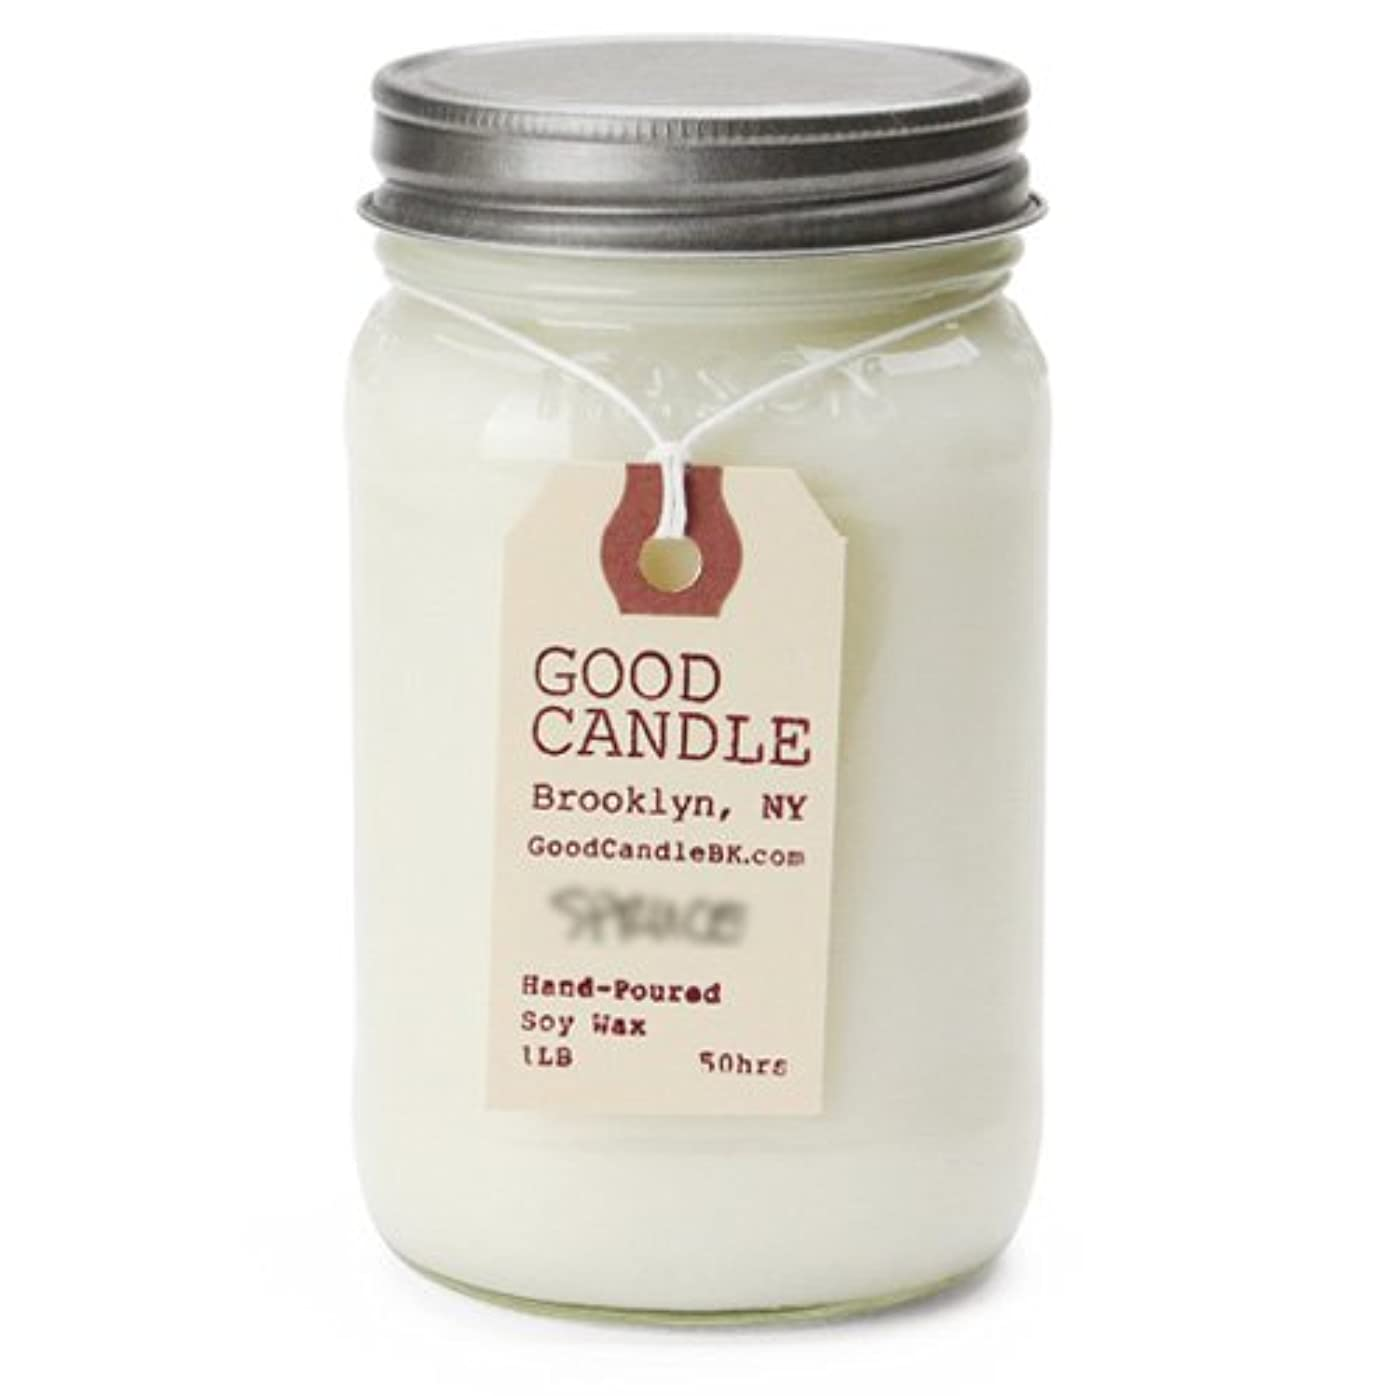 箱飢饉学校教育グッドキャンドル 1ポンド メイソンジャー キャンドル Good Candle 1LB Mason jar candle [ Mimosa ] 正規品